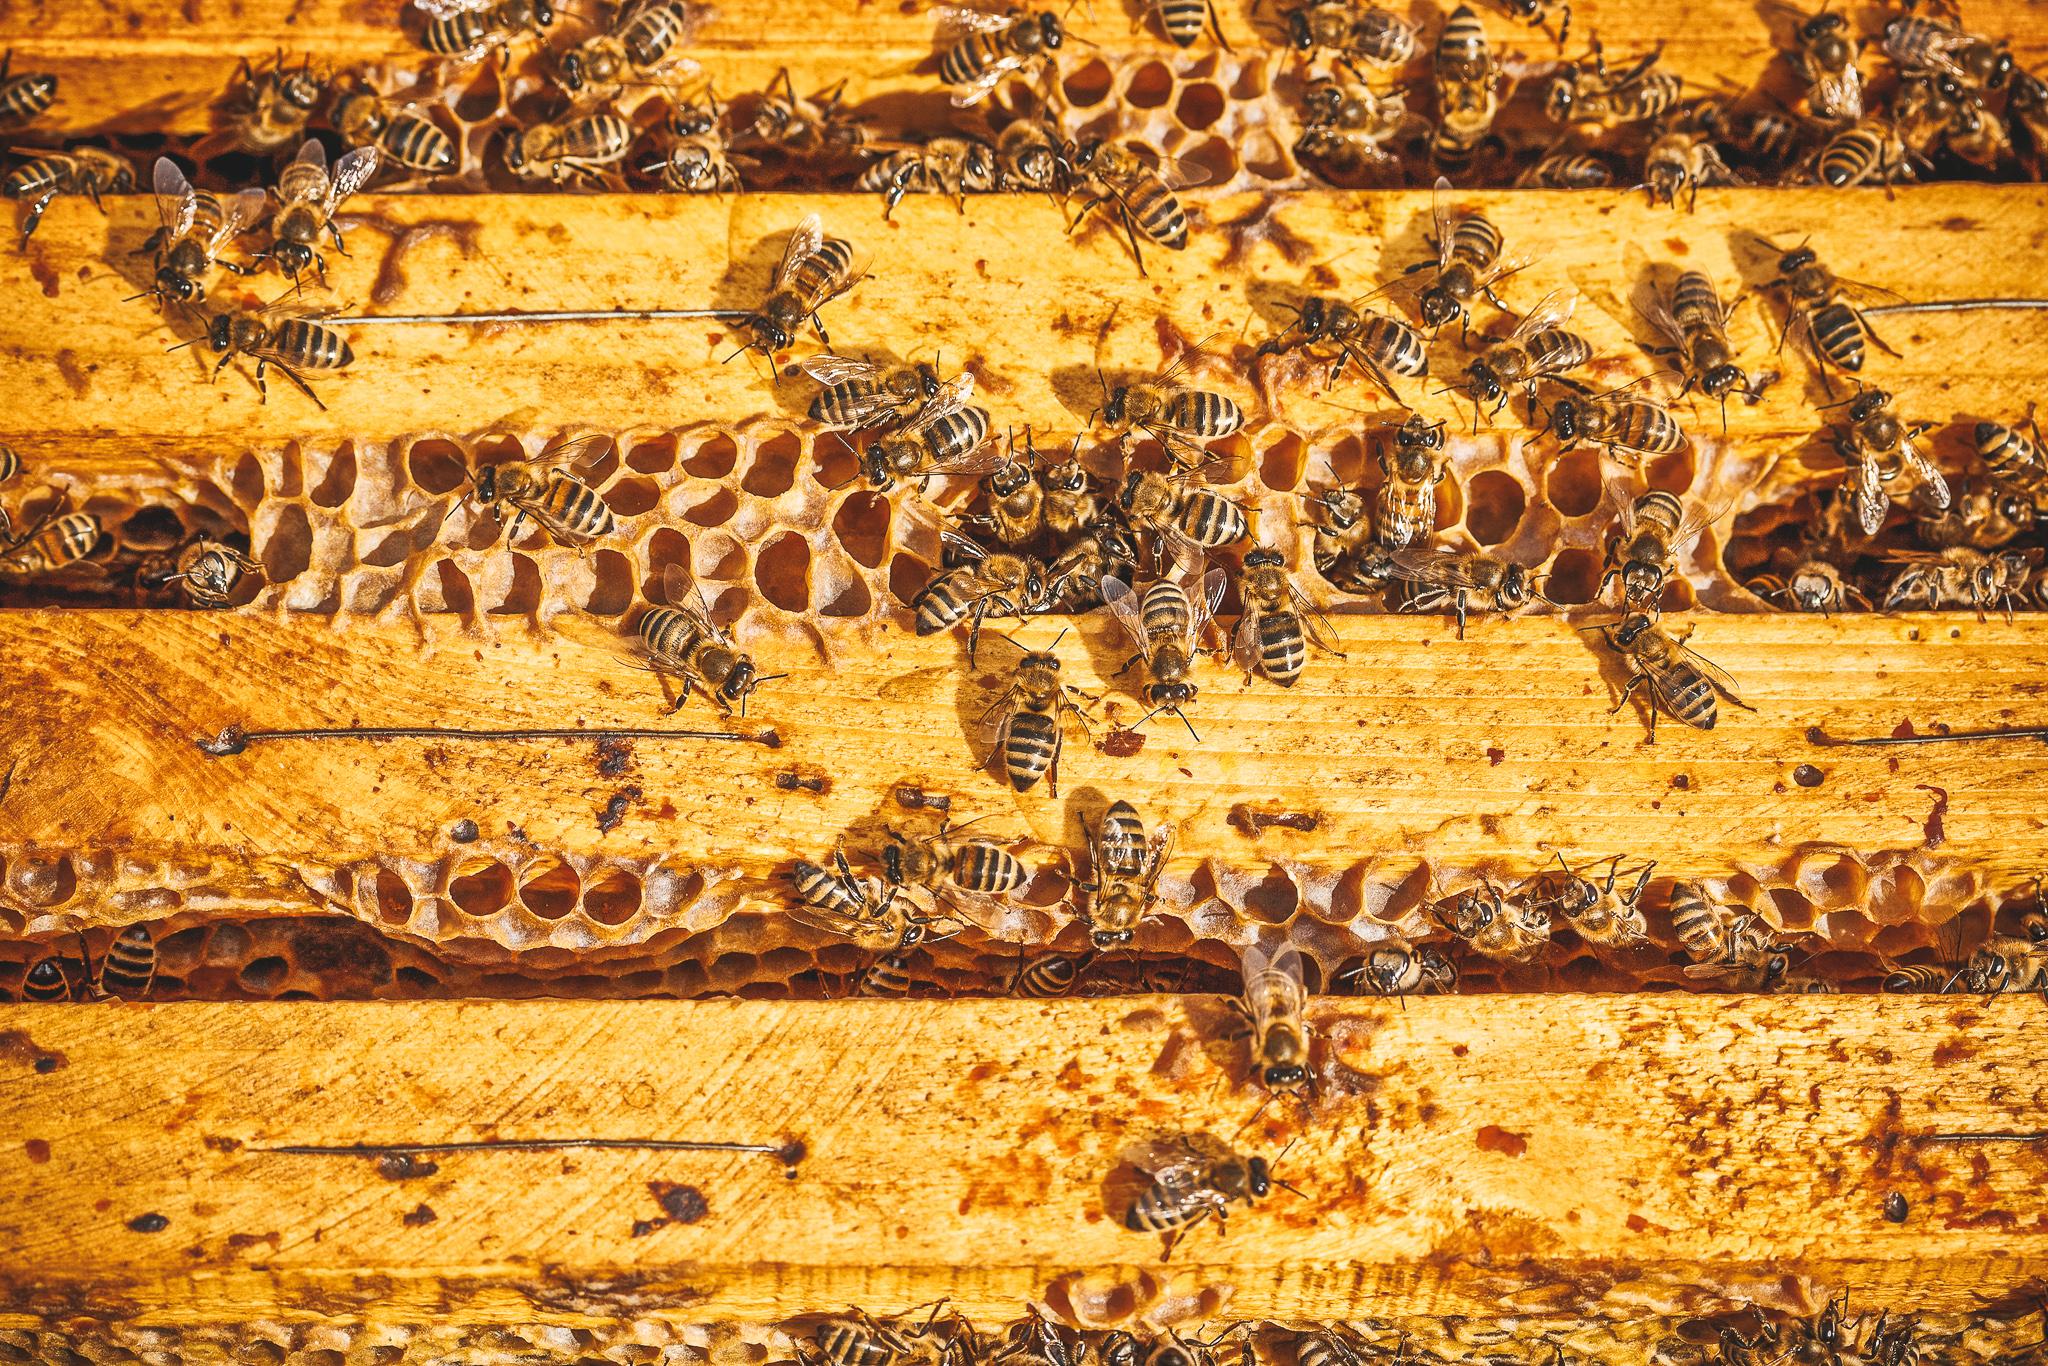 worker-bees-PBXNCNF.jpg